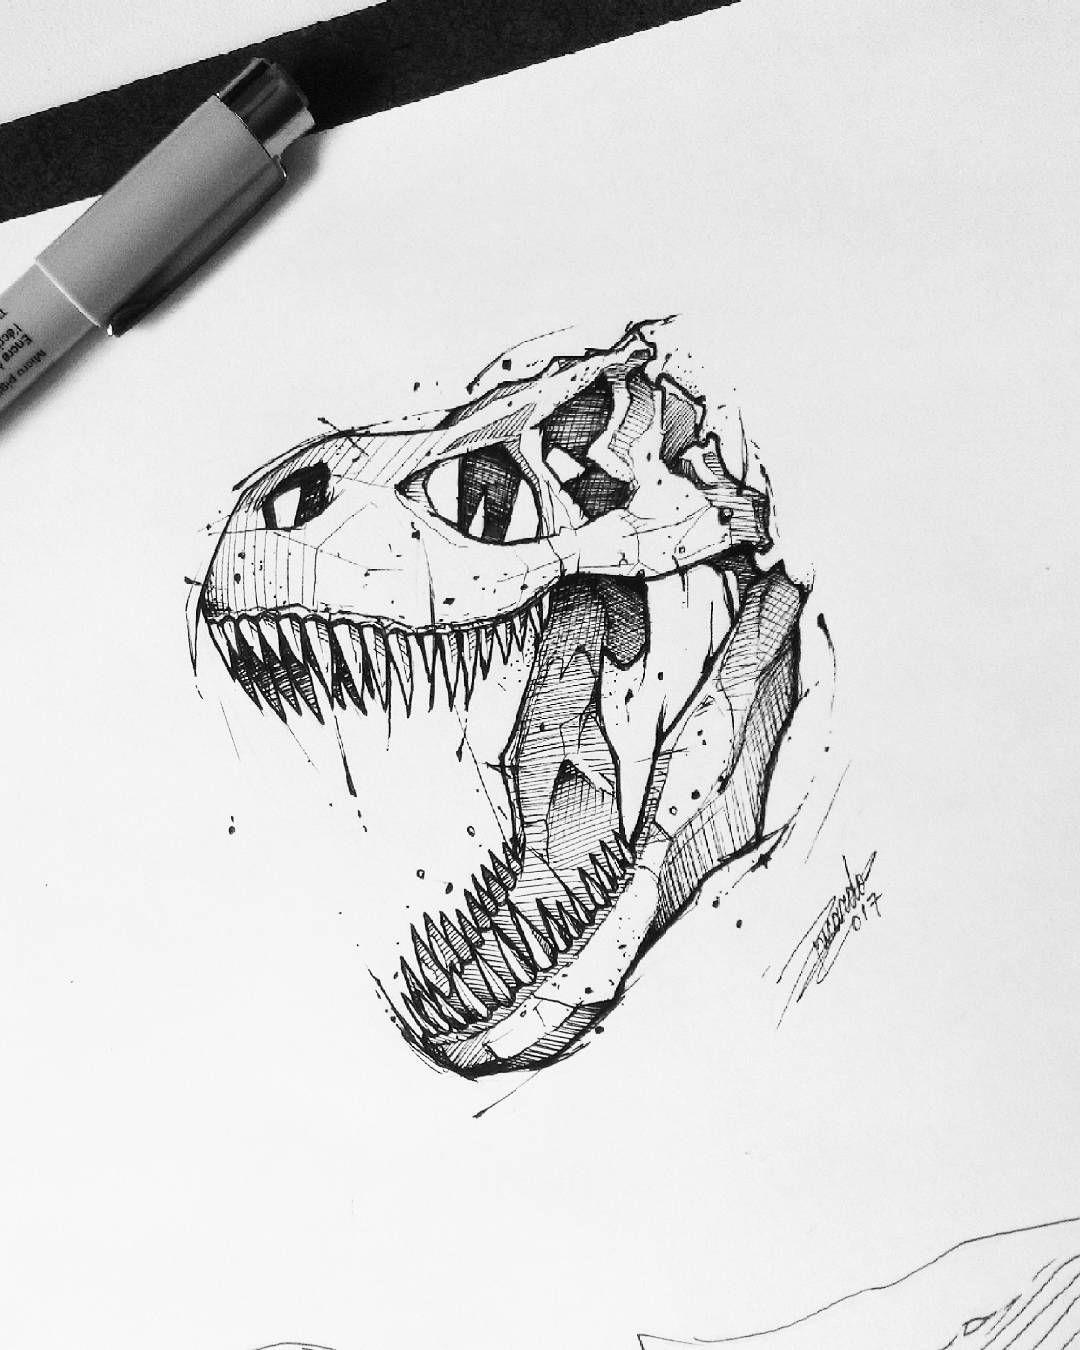 """Gefällt 215 Mal, 3 Kommentare - Ricardo F. Schmidt (@_ricardoschmidt) auf Instagram: """"#trex (7x8) disponível por R$250! . . . #trextattoo #dinosaur #dinosaurtatto #inktober #dotwork…"""" #dinosaurtattoos"""